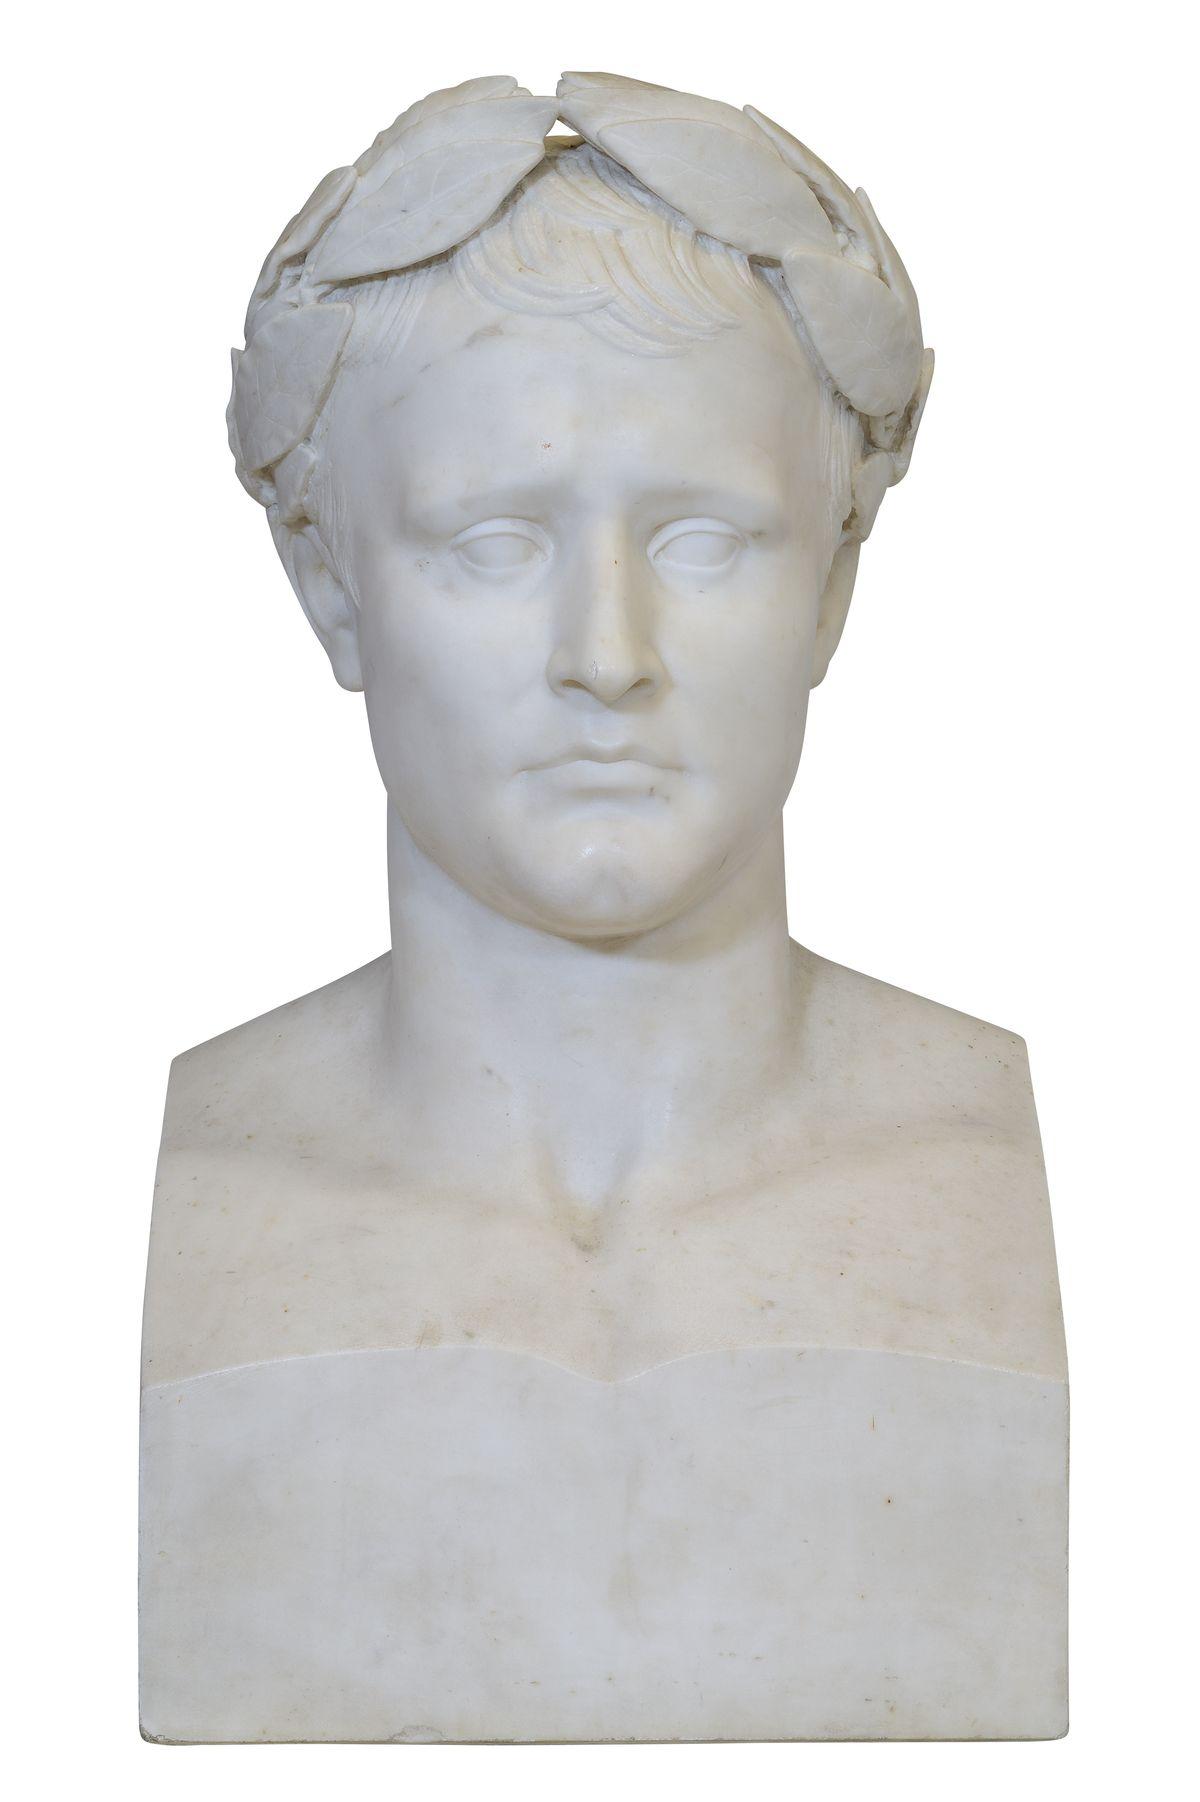 L'empereur Napoleon signé marochetti - Patrimoine Charles-André COLONNA WALEWSKI, en ligne directe de Napoléon